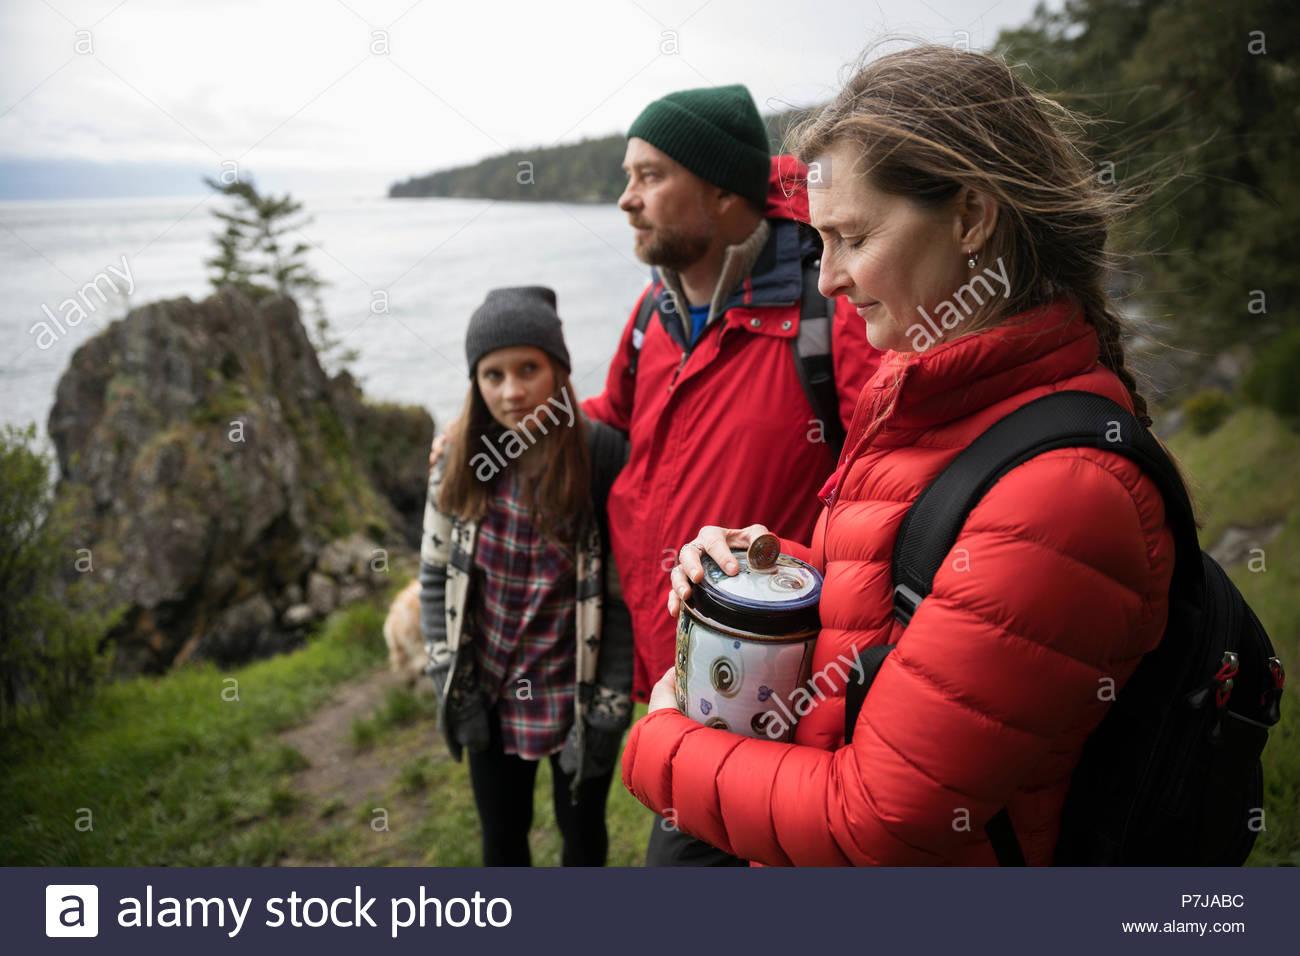 Familie mit urne Verbreitung Asche auf einer Klippe mit Blick auf den Ozean Stockbild